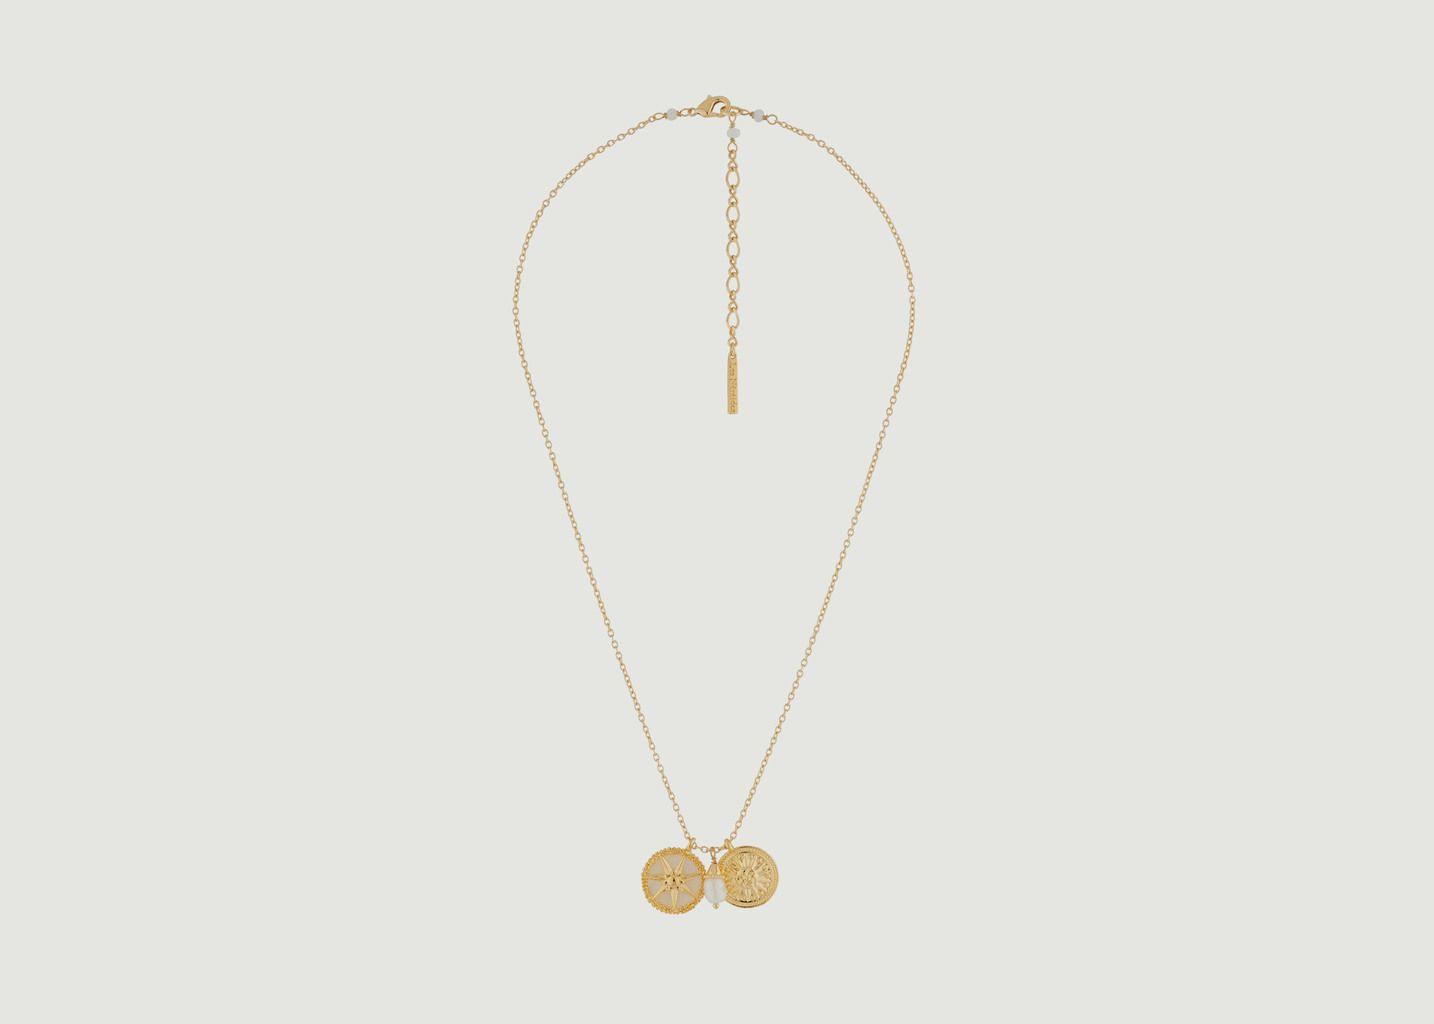 Collier Médailles Soleil Et Perle - Les Néréides